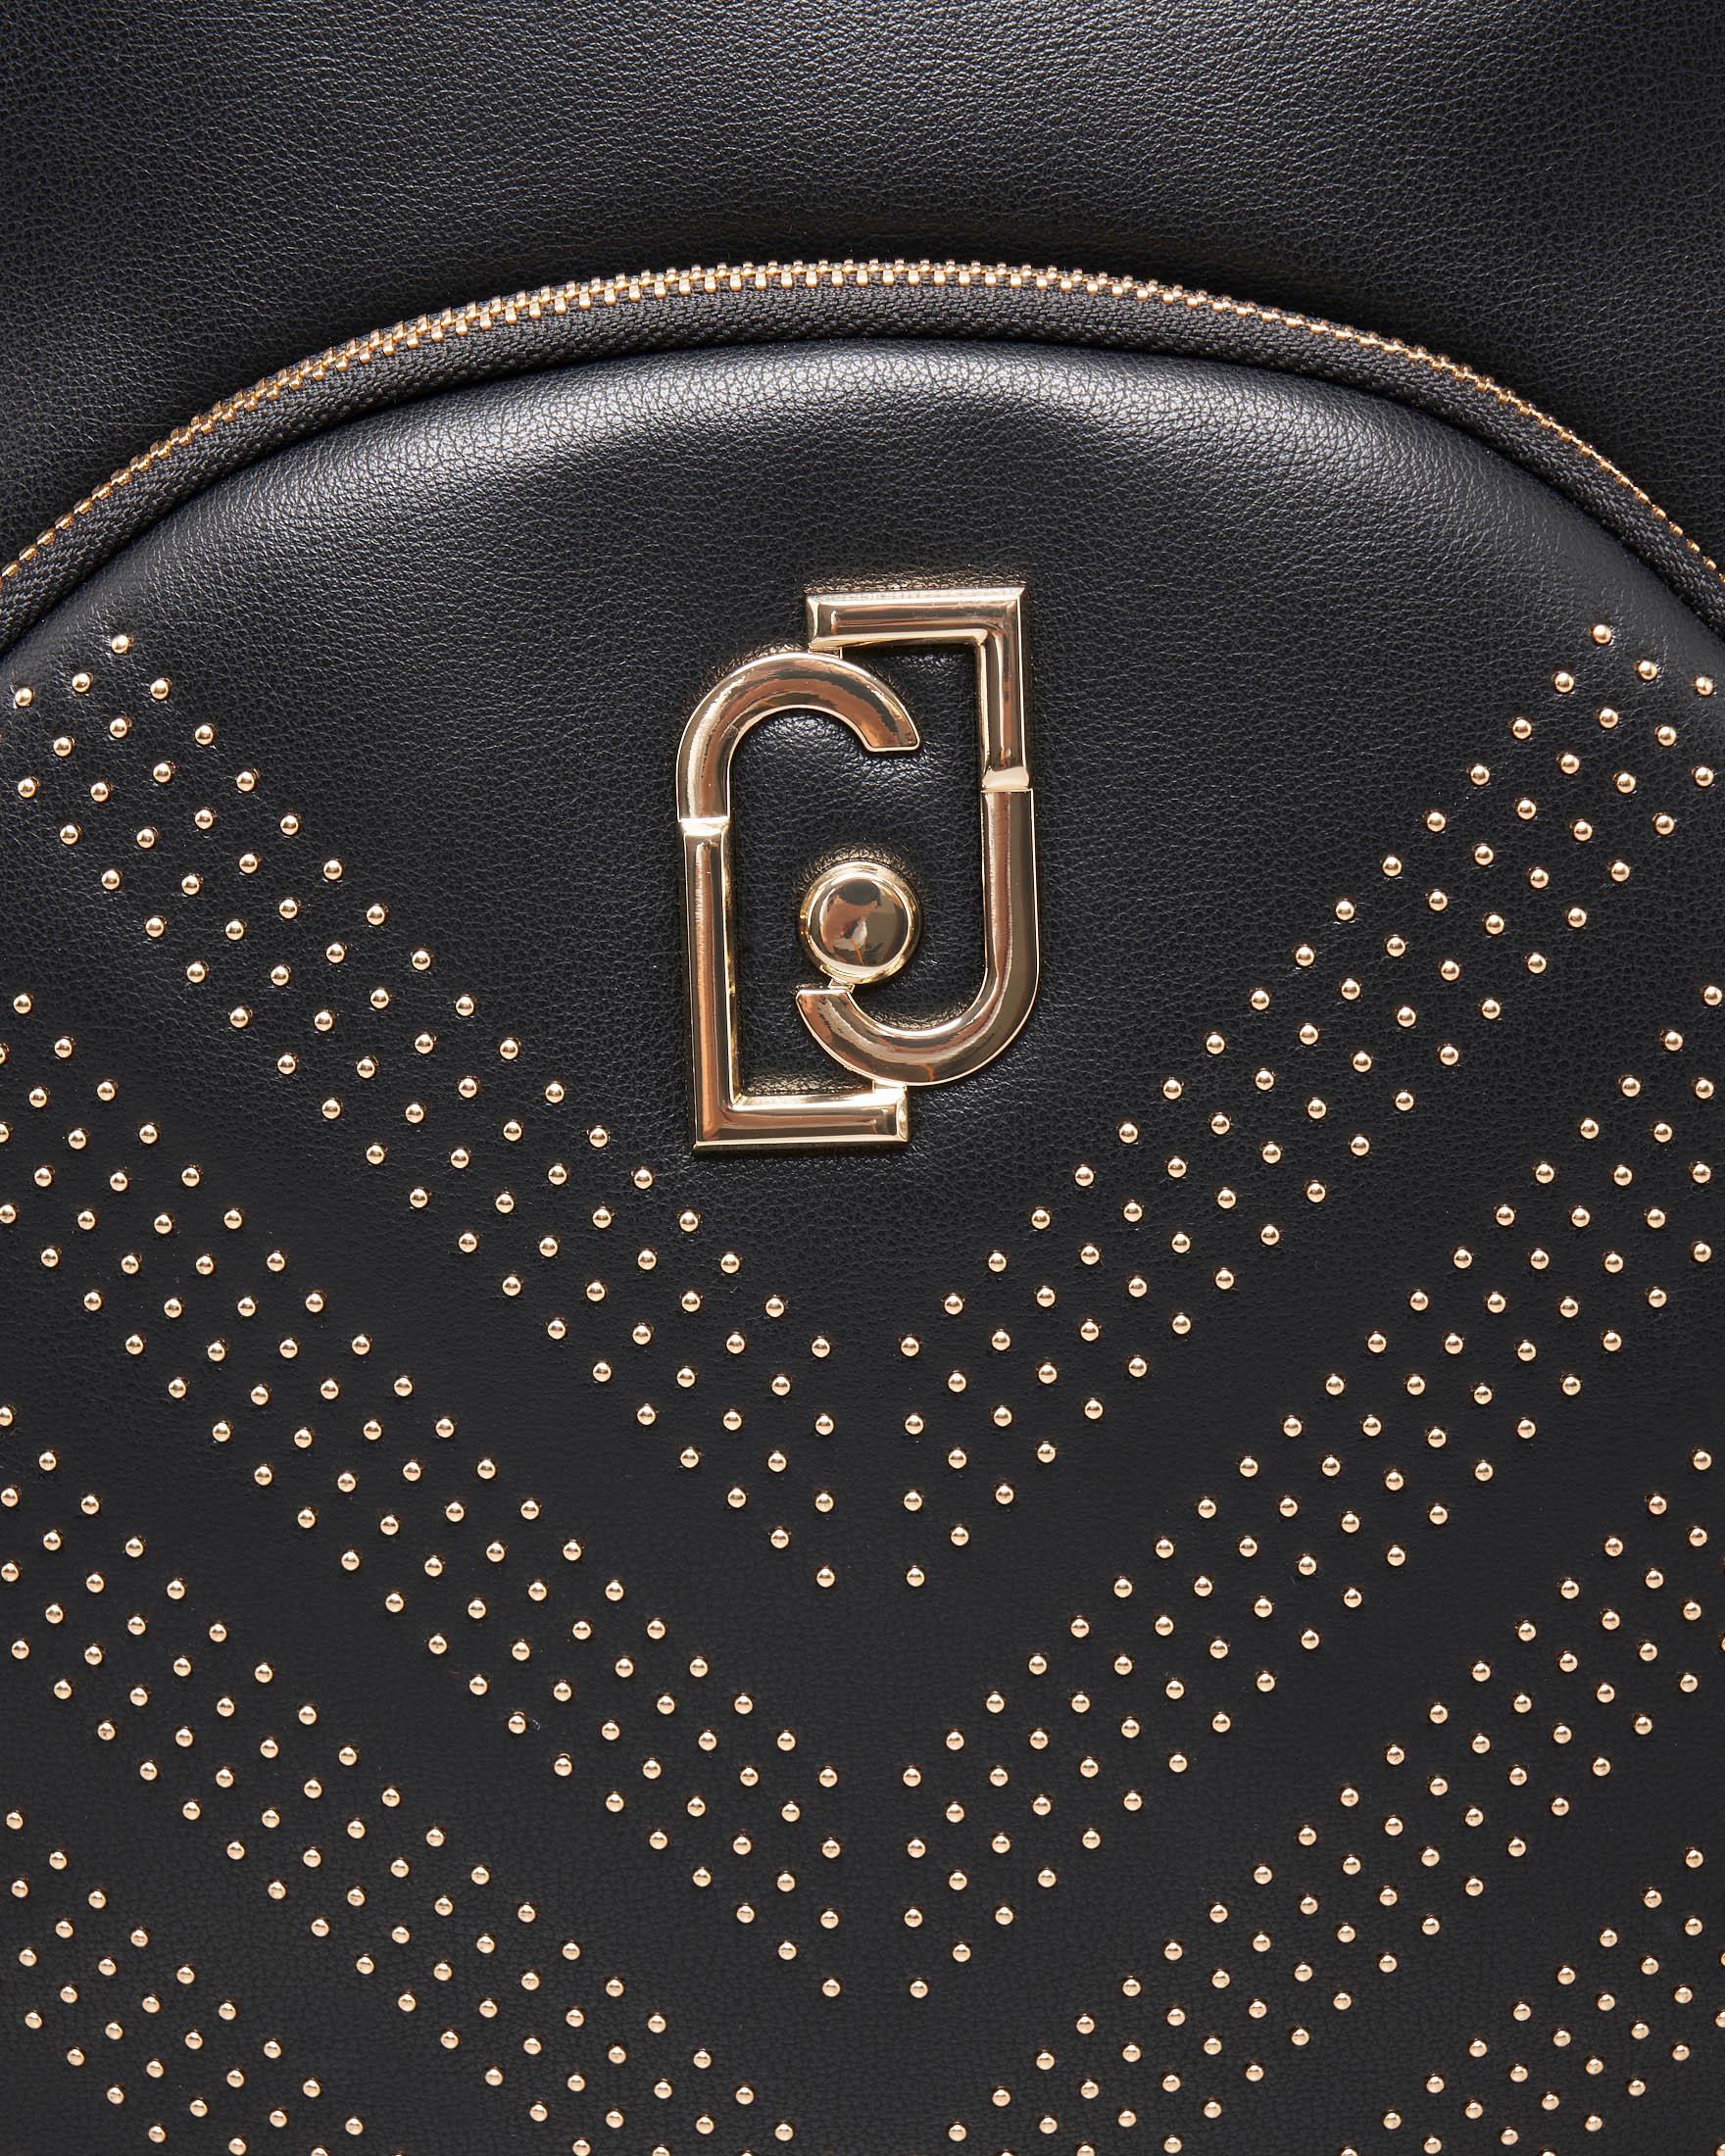 Zaino nero in ecopelle con tasca con disegno obliquo di microborchie